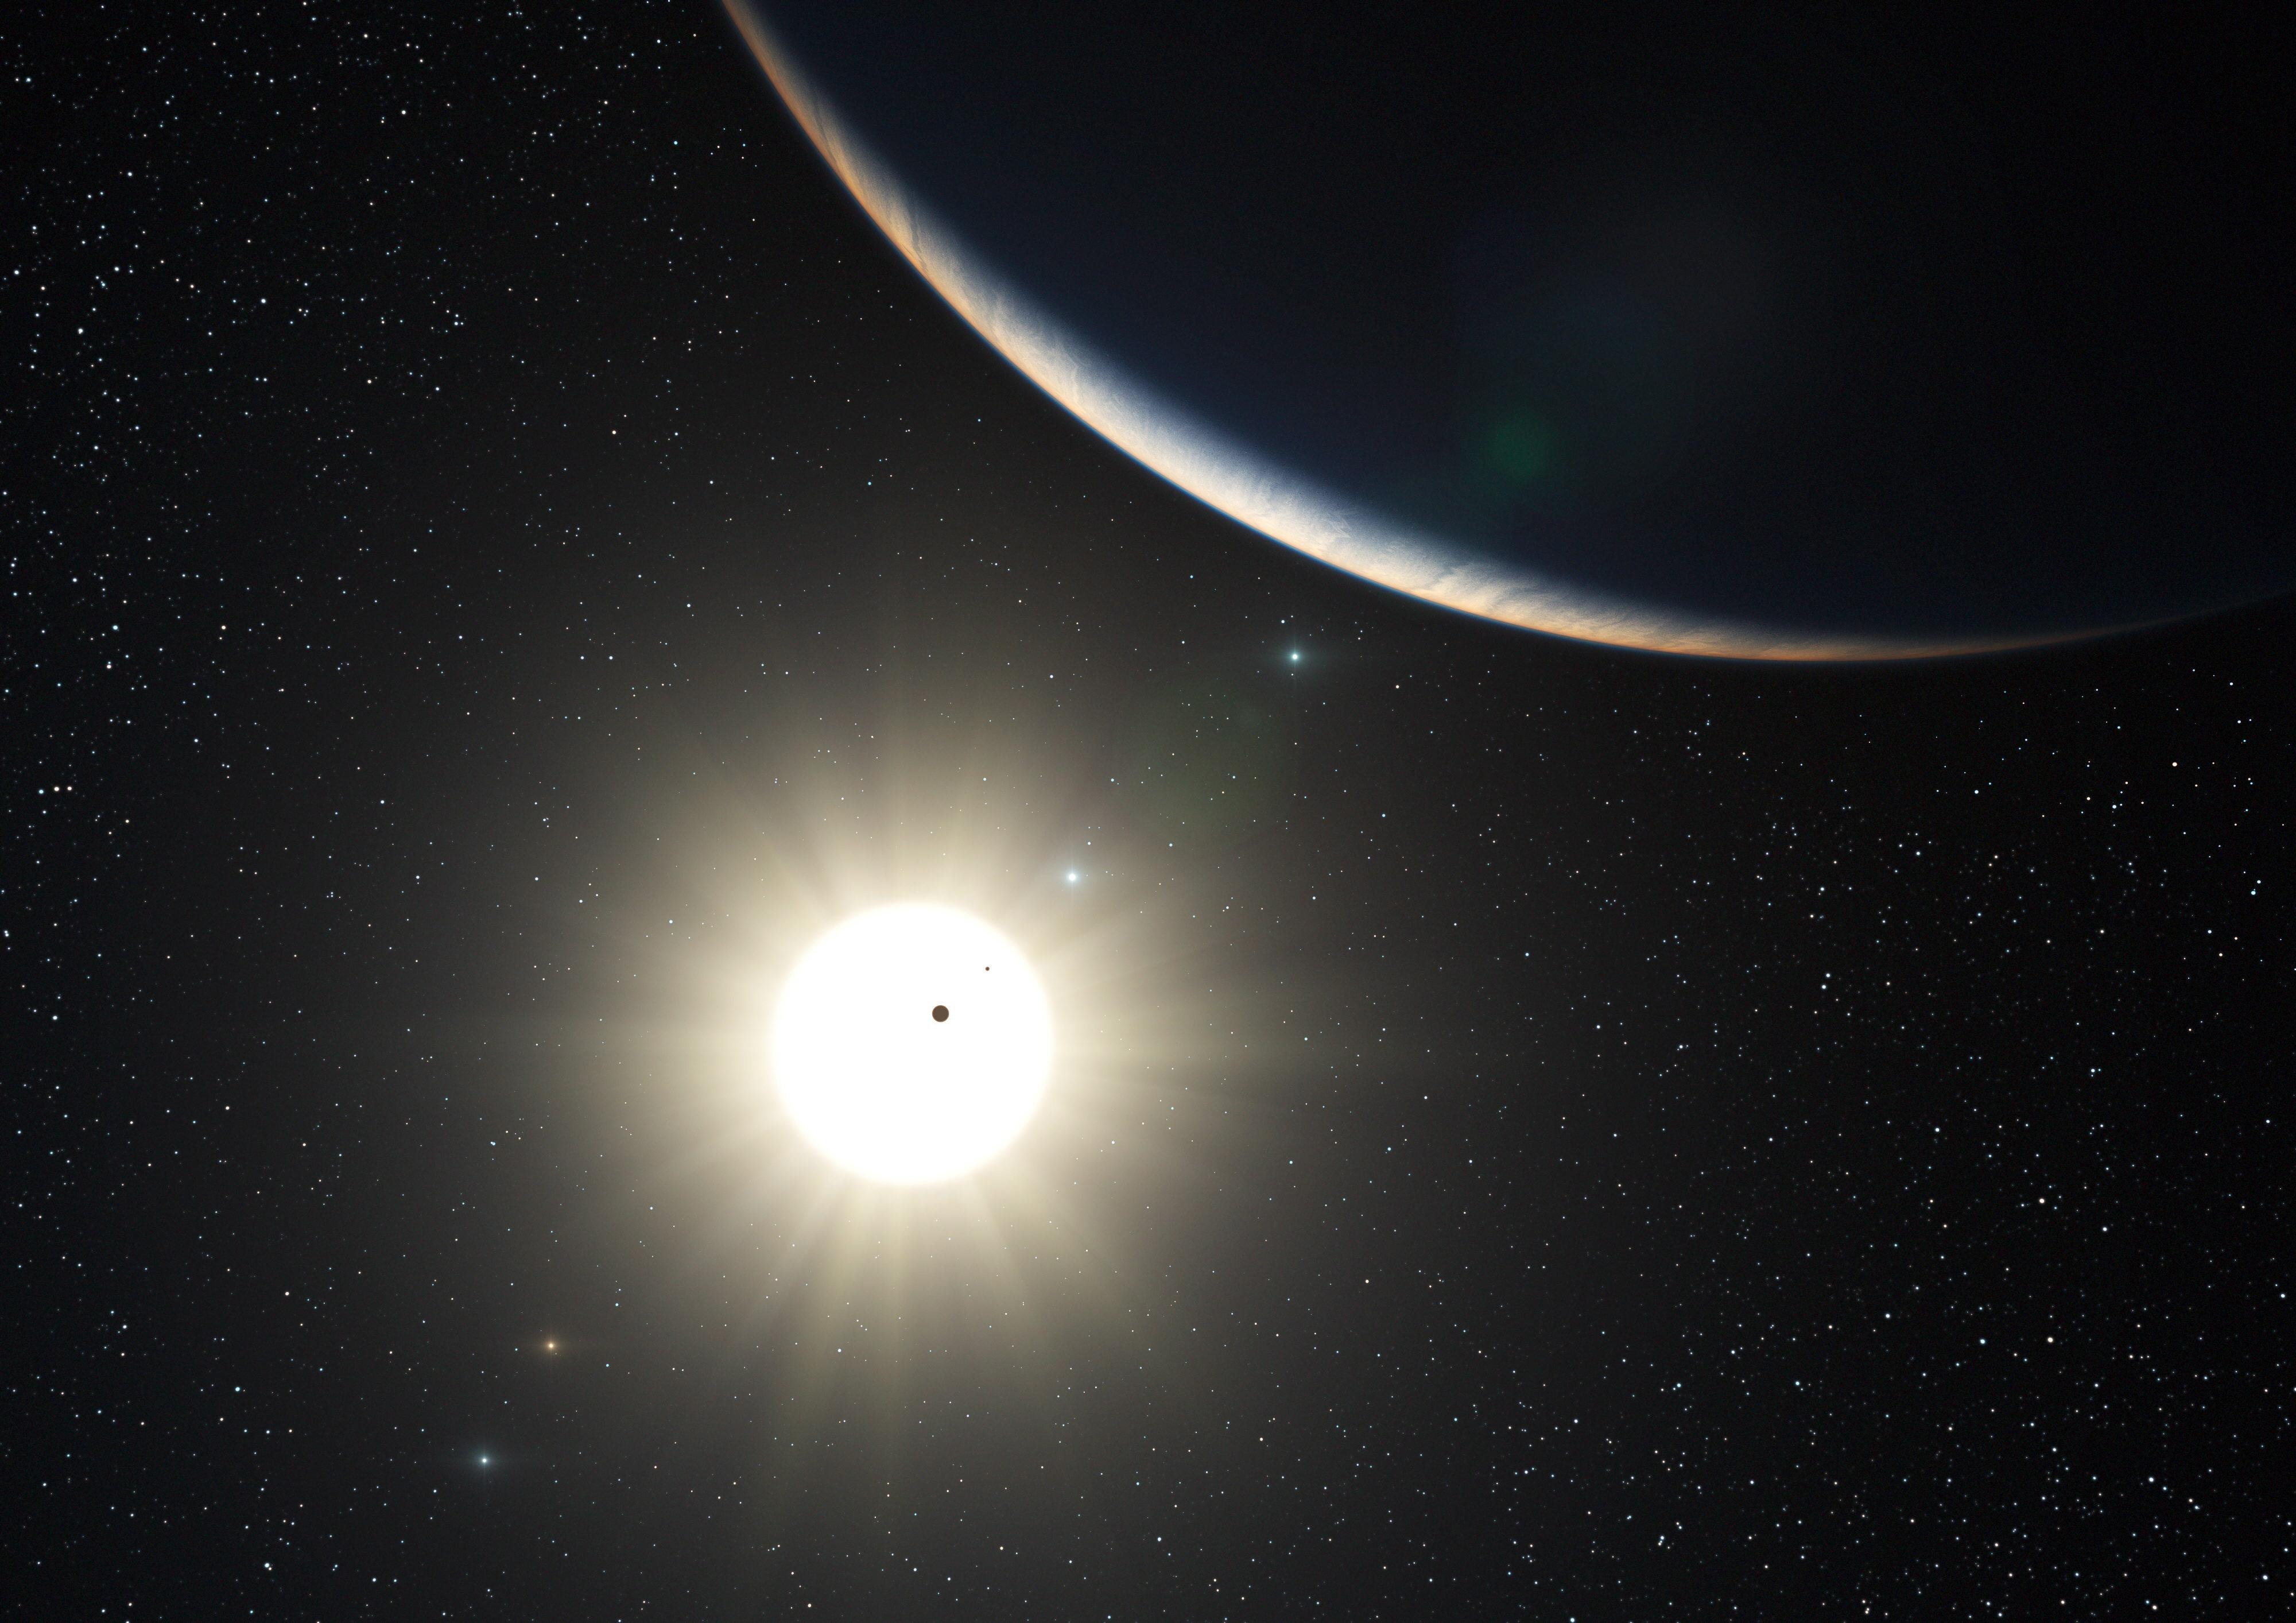 Два астероида прелетяха покрай Земята